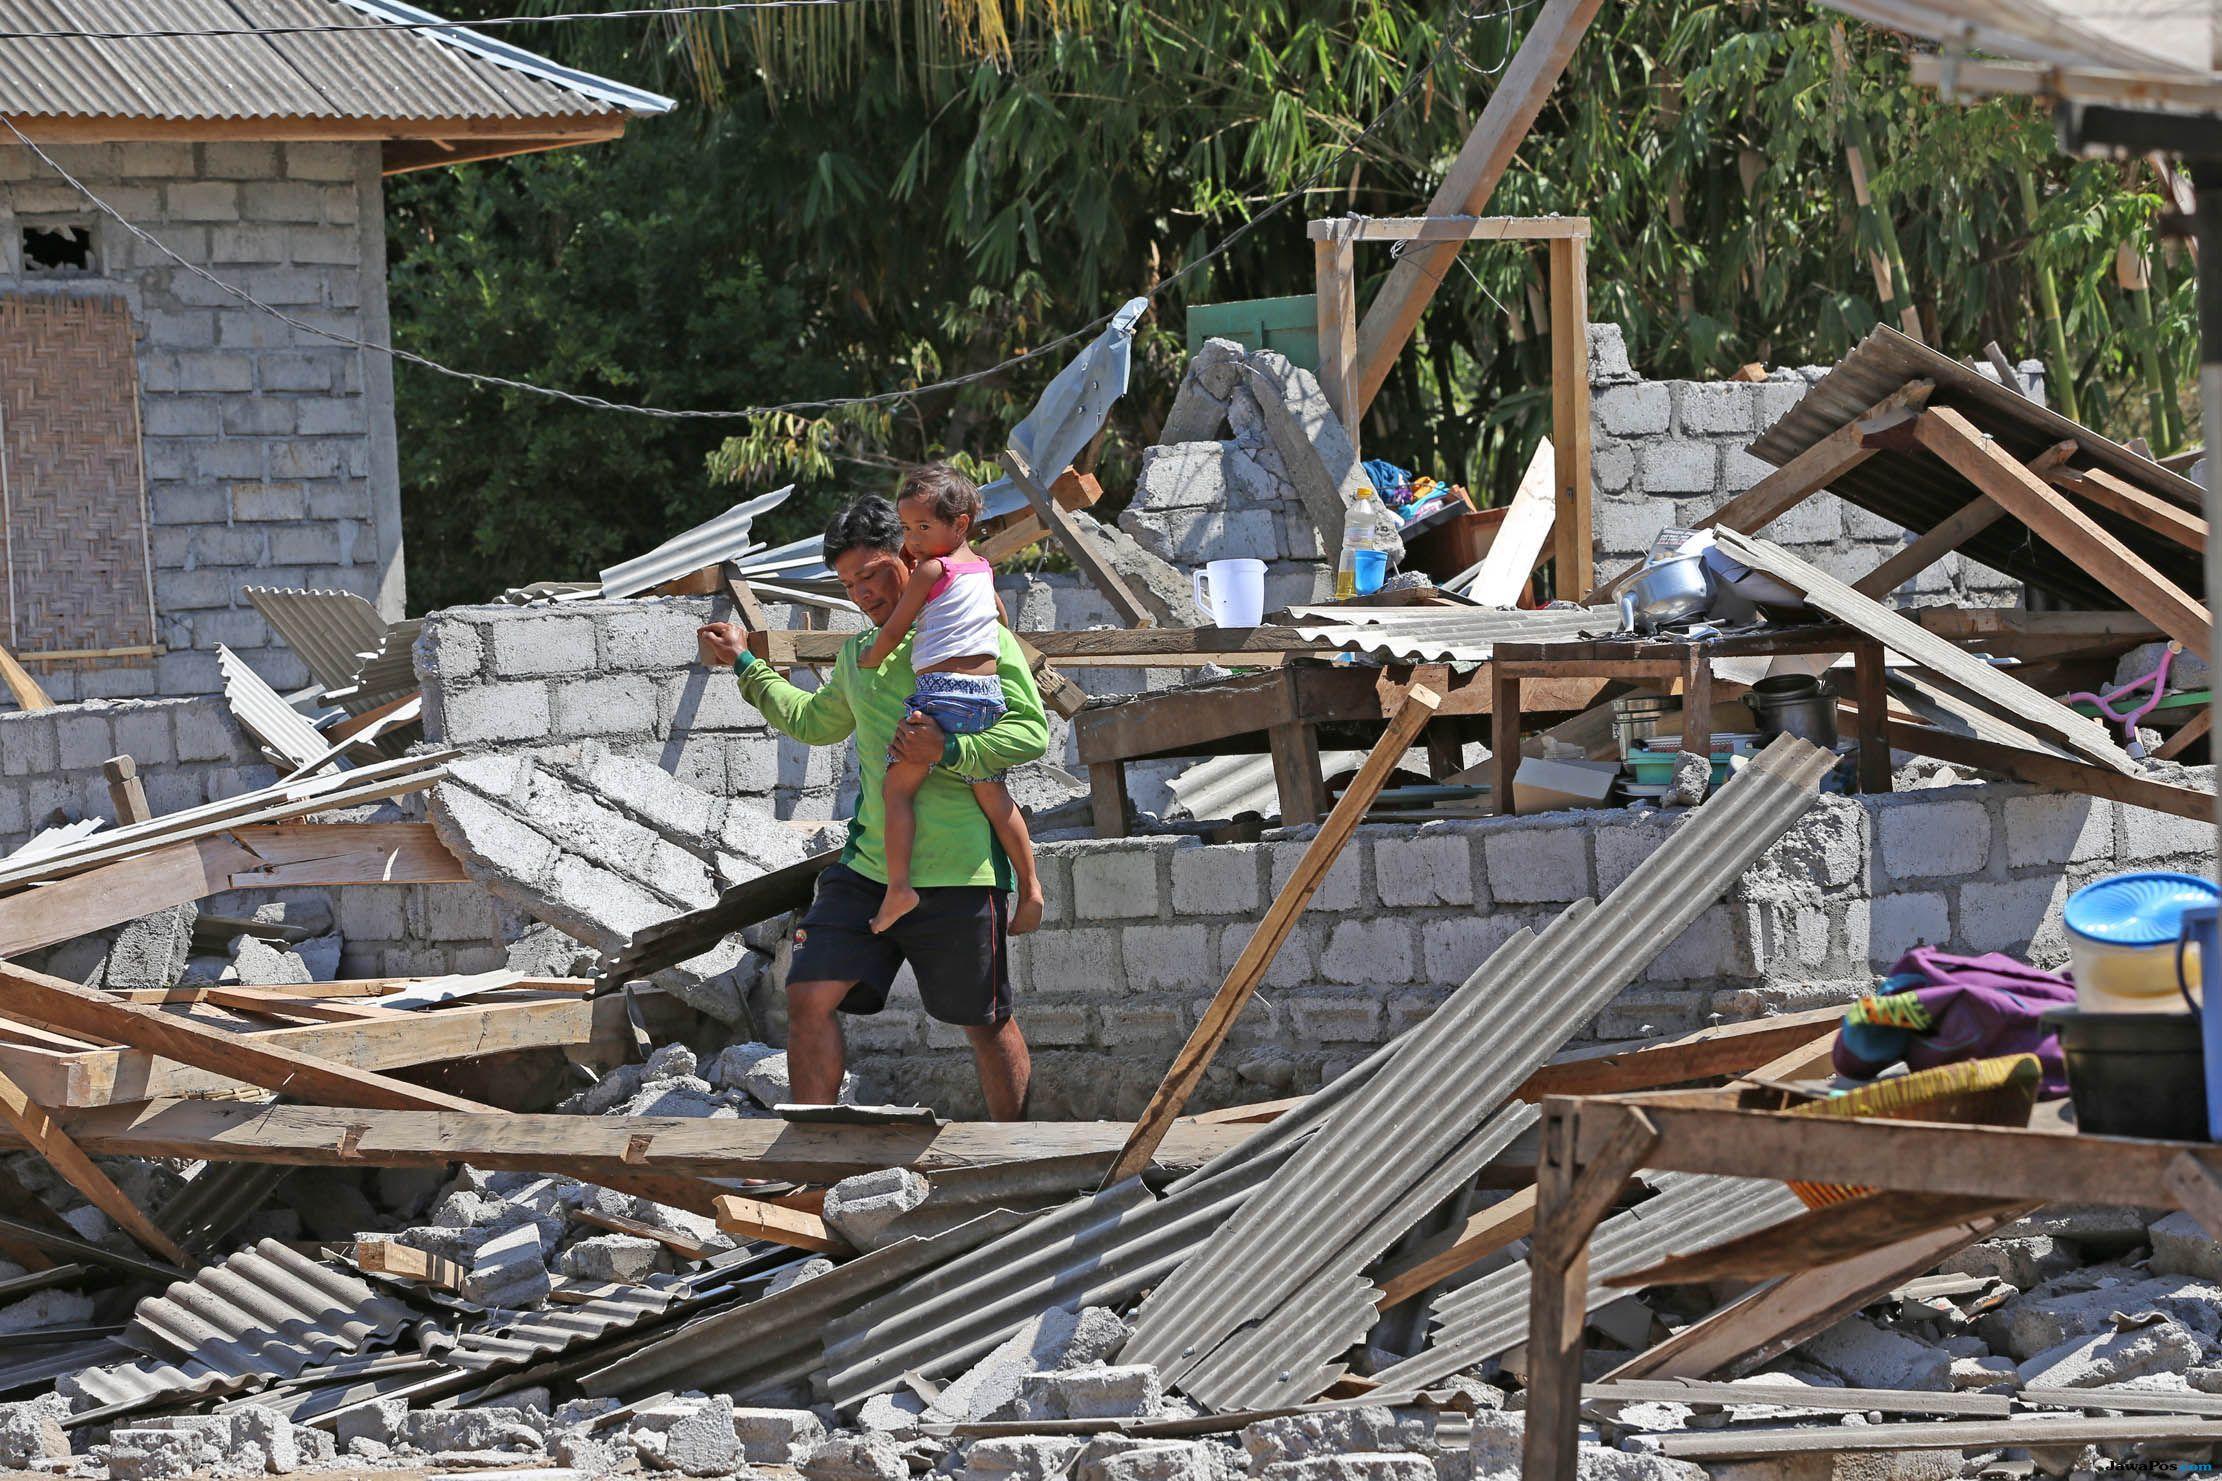 Gempa, Konstruksi, dan Edukasi